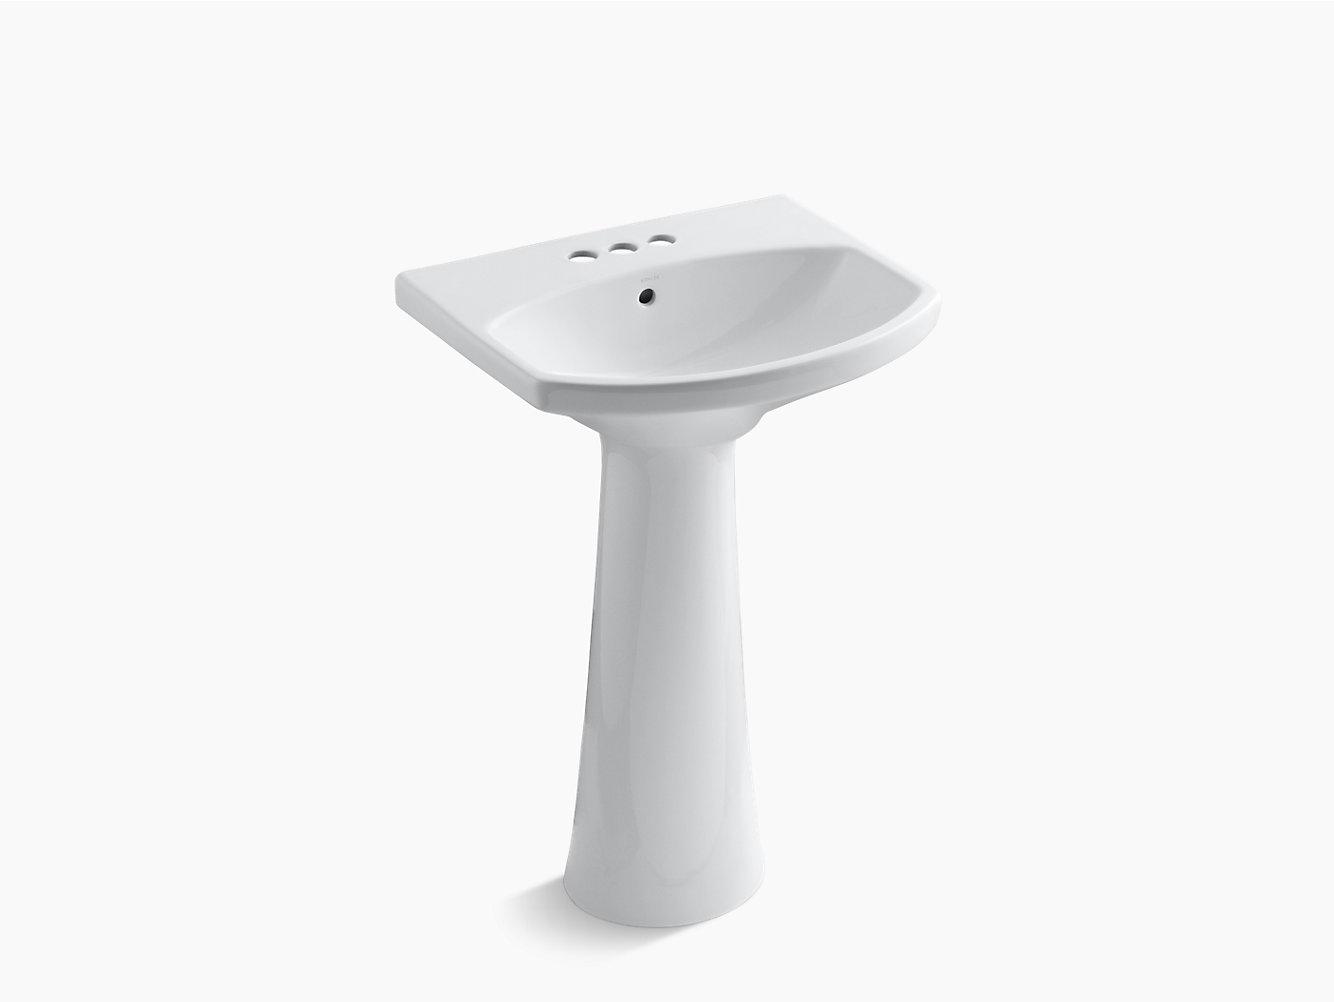 KOHLER | 2362-4 | Lavabo de pedestal Cimarron, con perforaciones ...